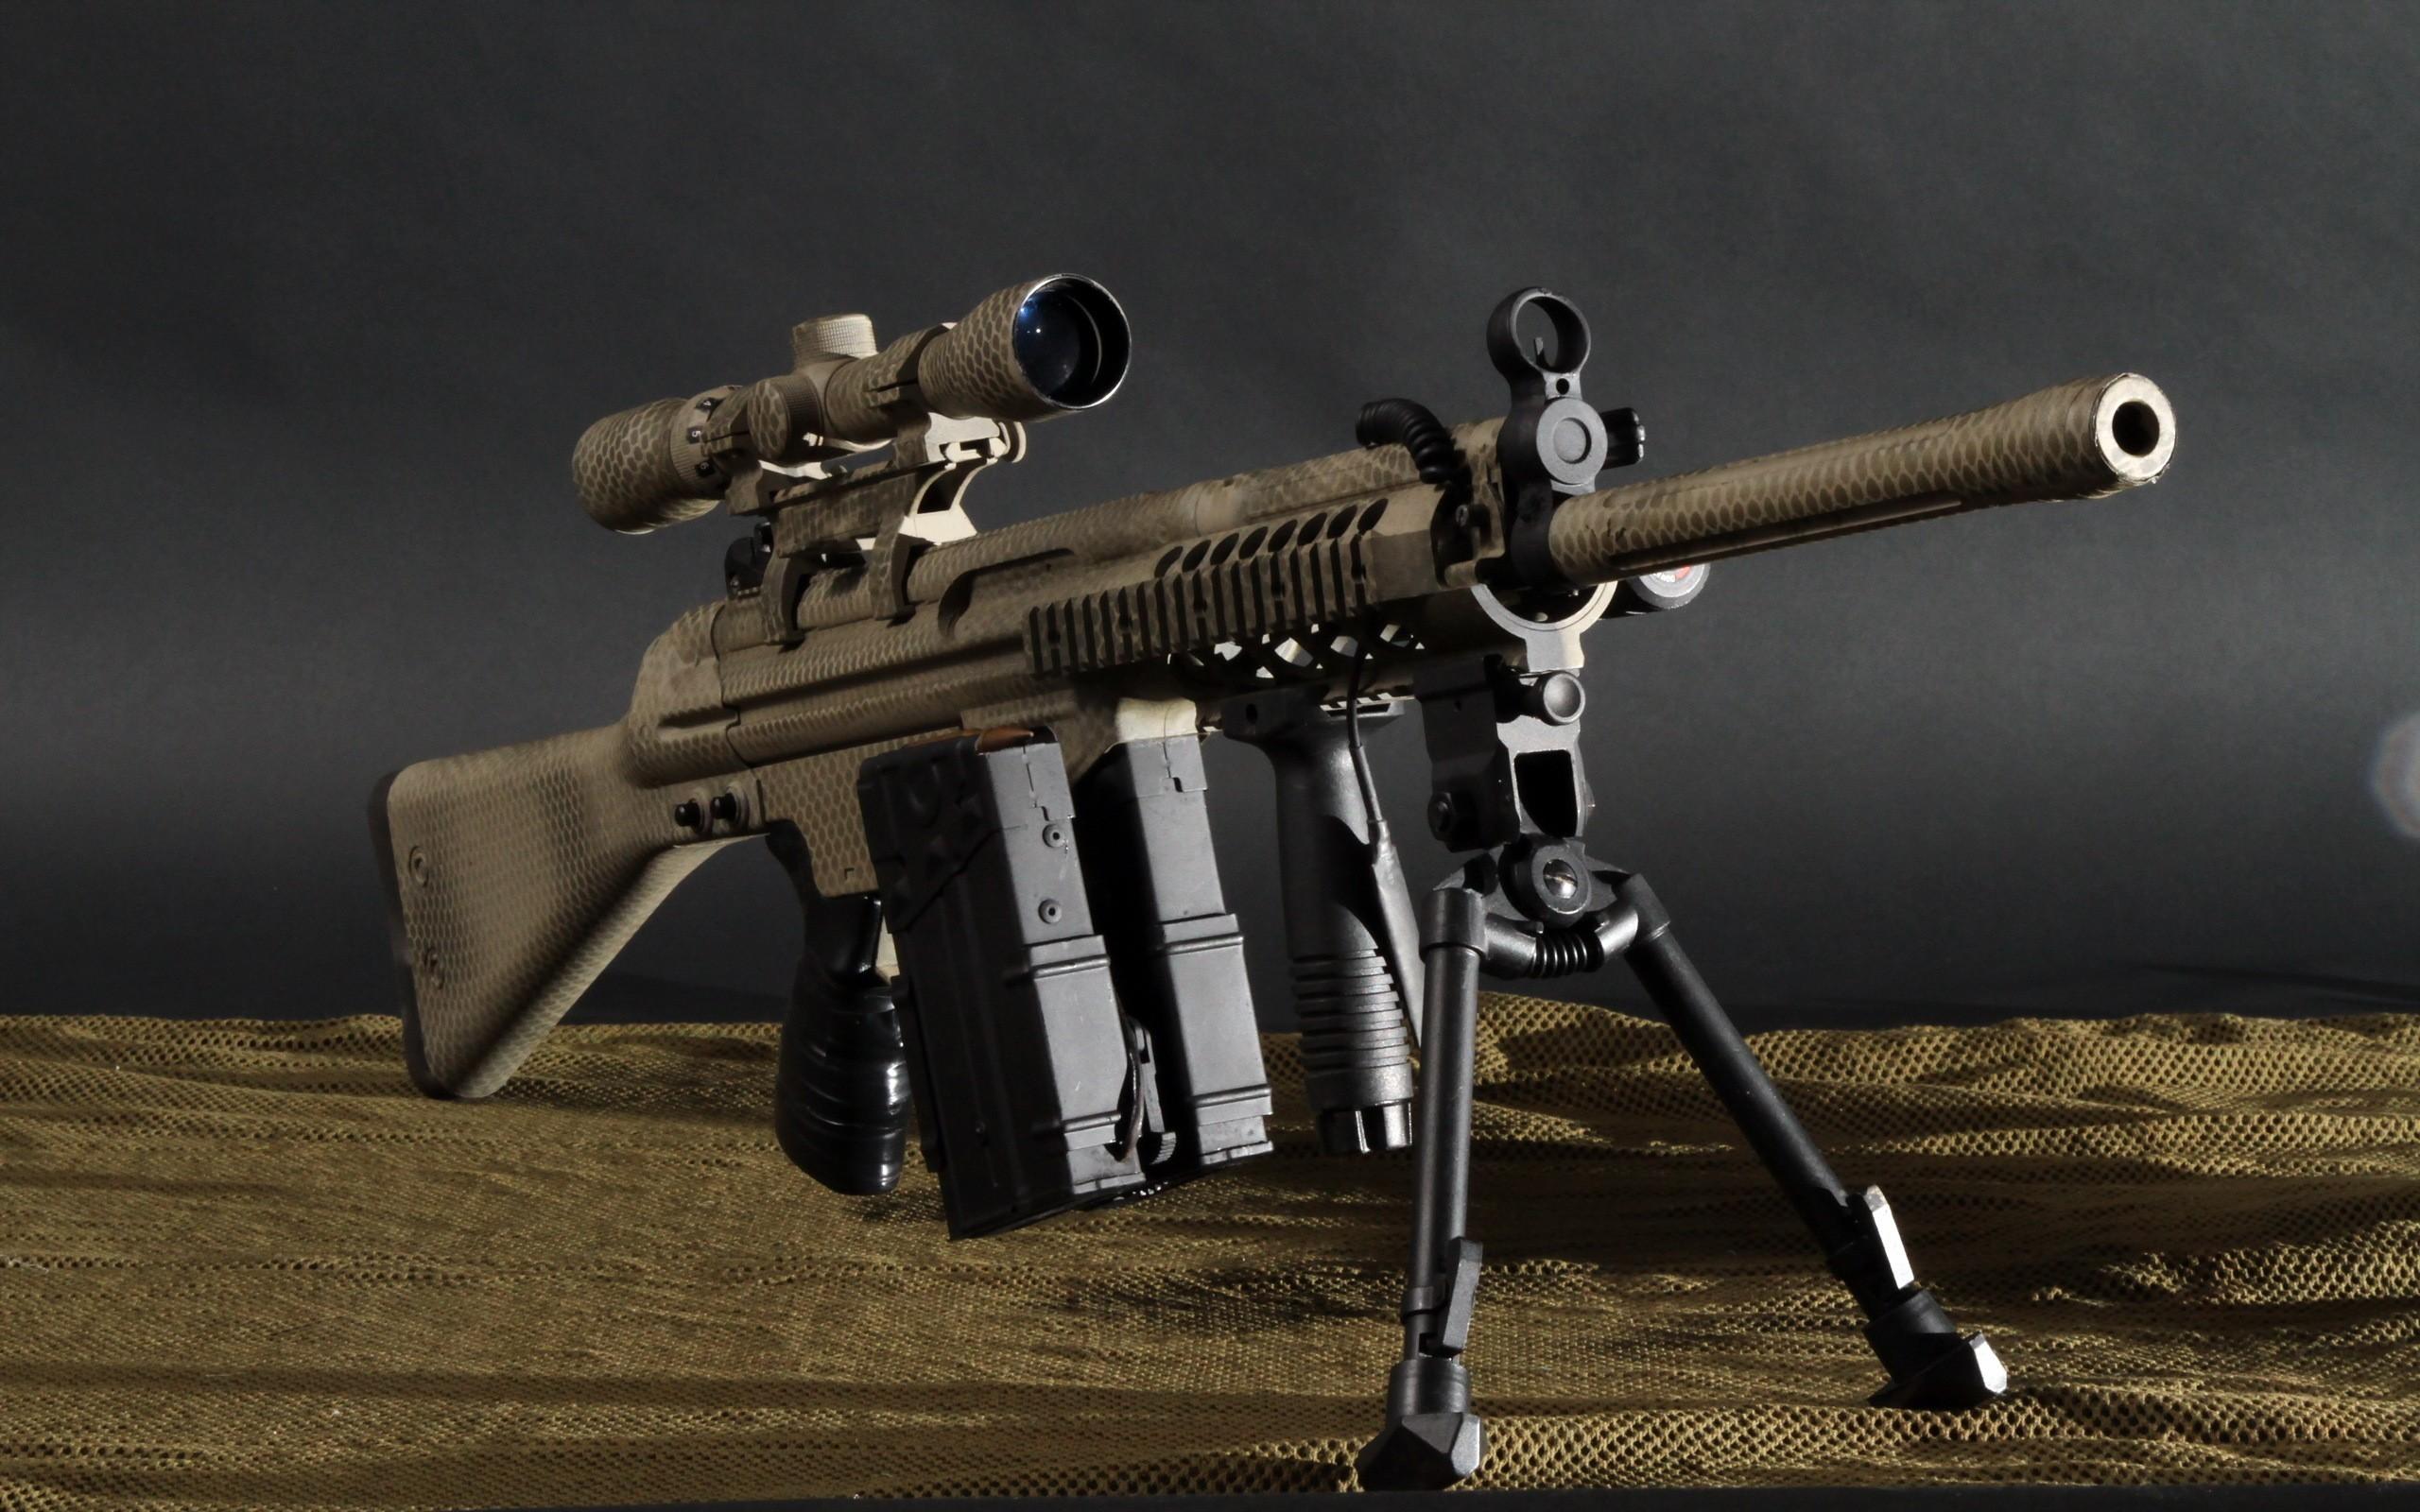 13 HD Sniper Rifle Guns Wallpapers - HDWallSource.com |Sniper Rifle Wallpaper